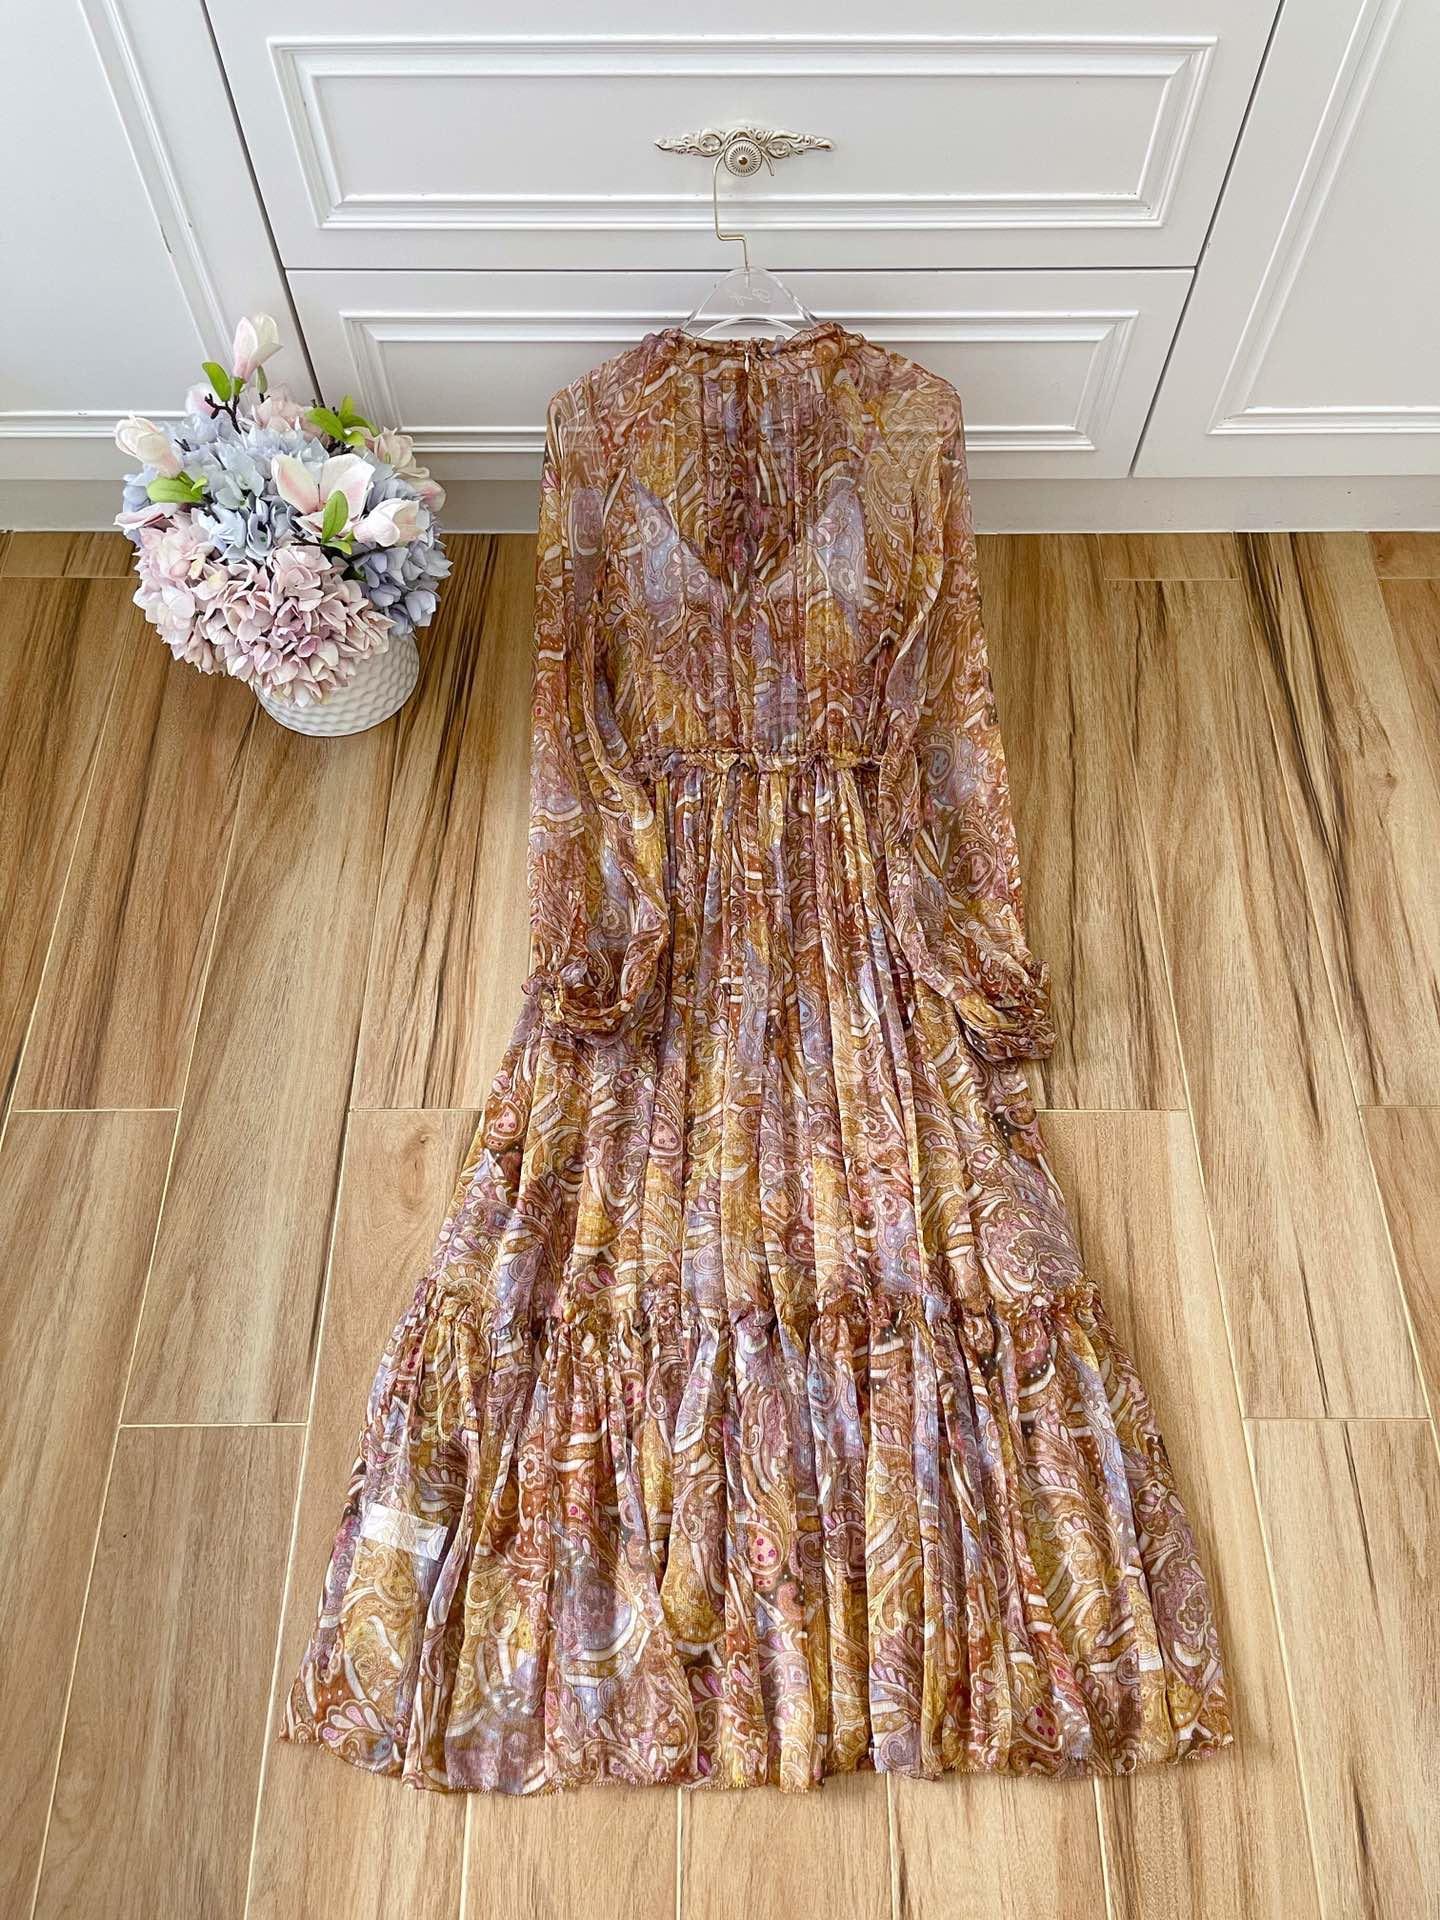 Nuevo vestido de seda de vendaje de patrón de paisley de empalme en otoño e invierno 2021